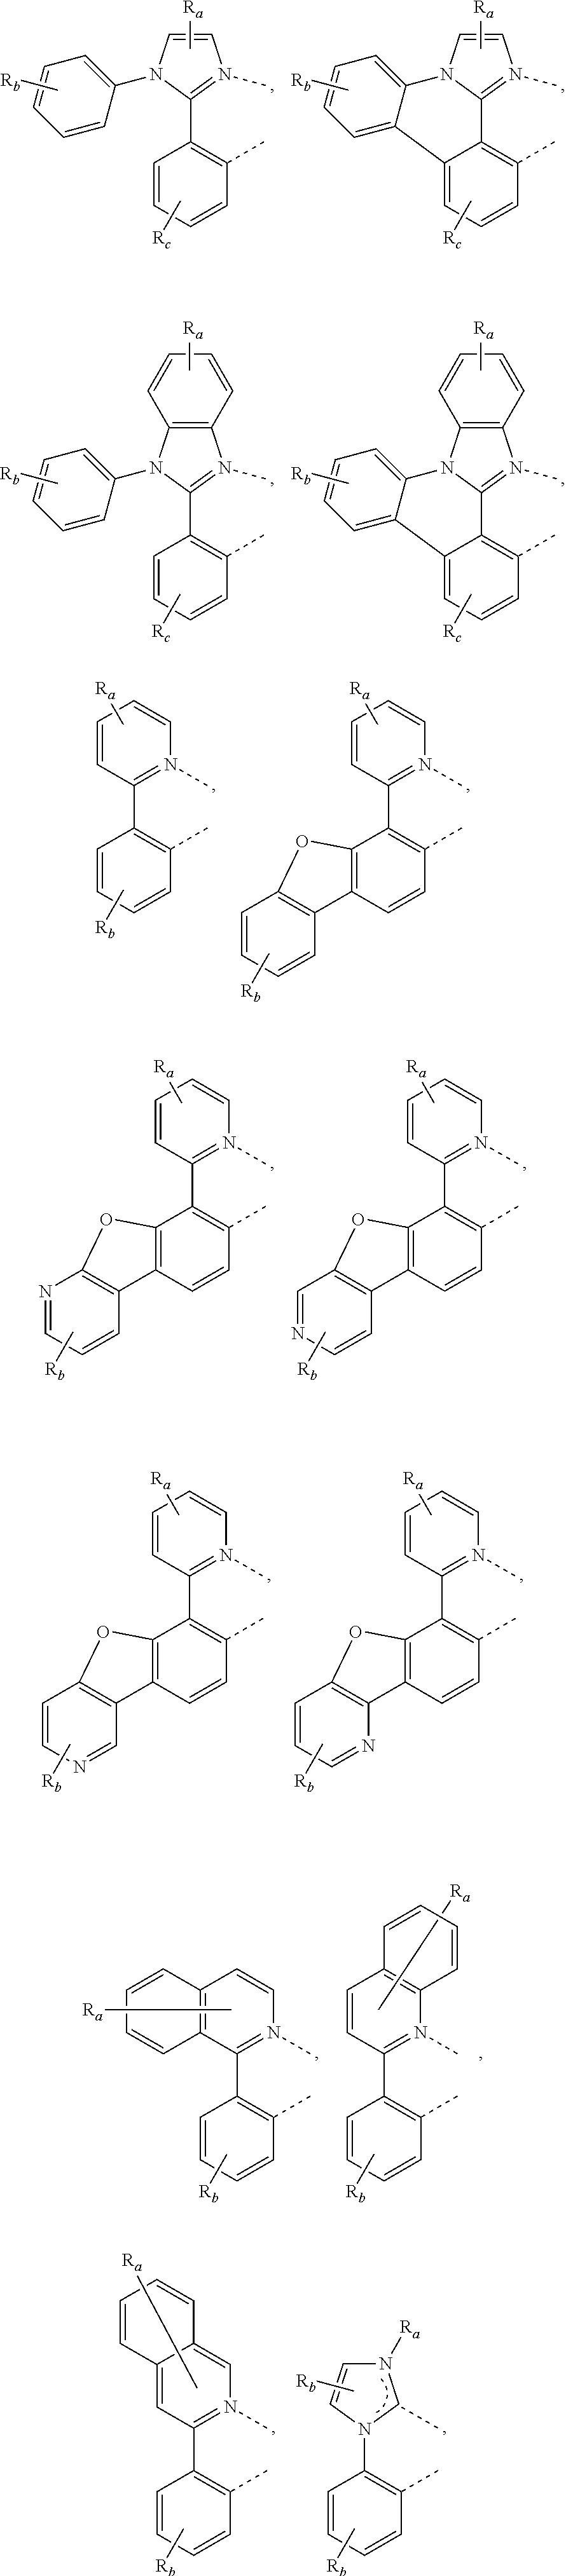 Figure US09761814-20170912-C00029